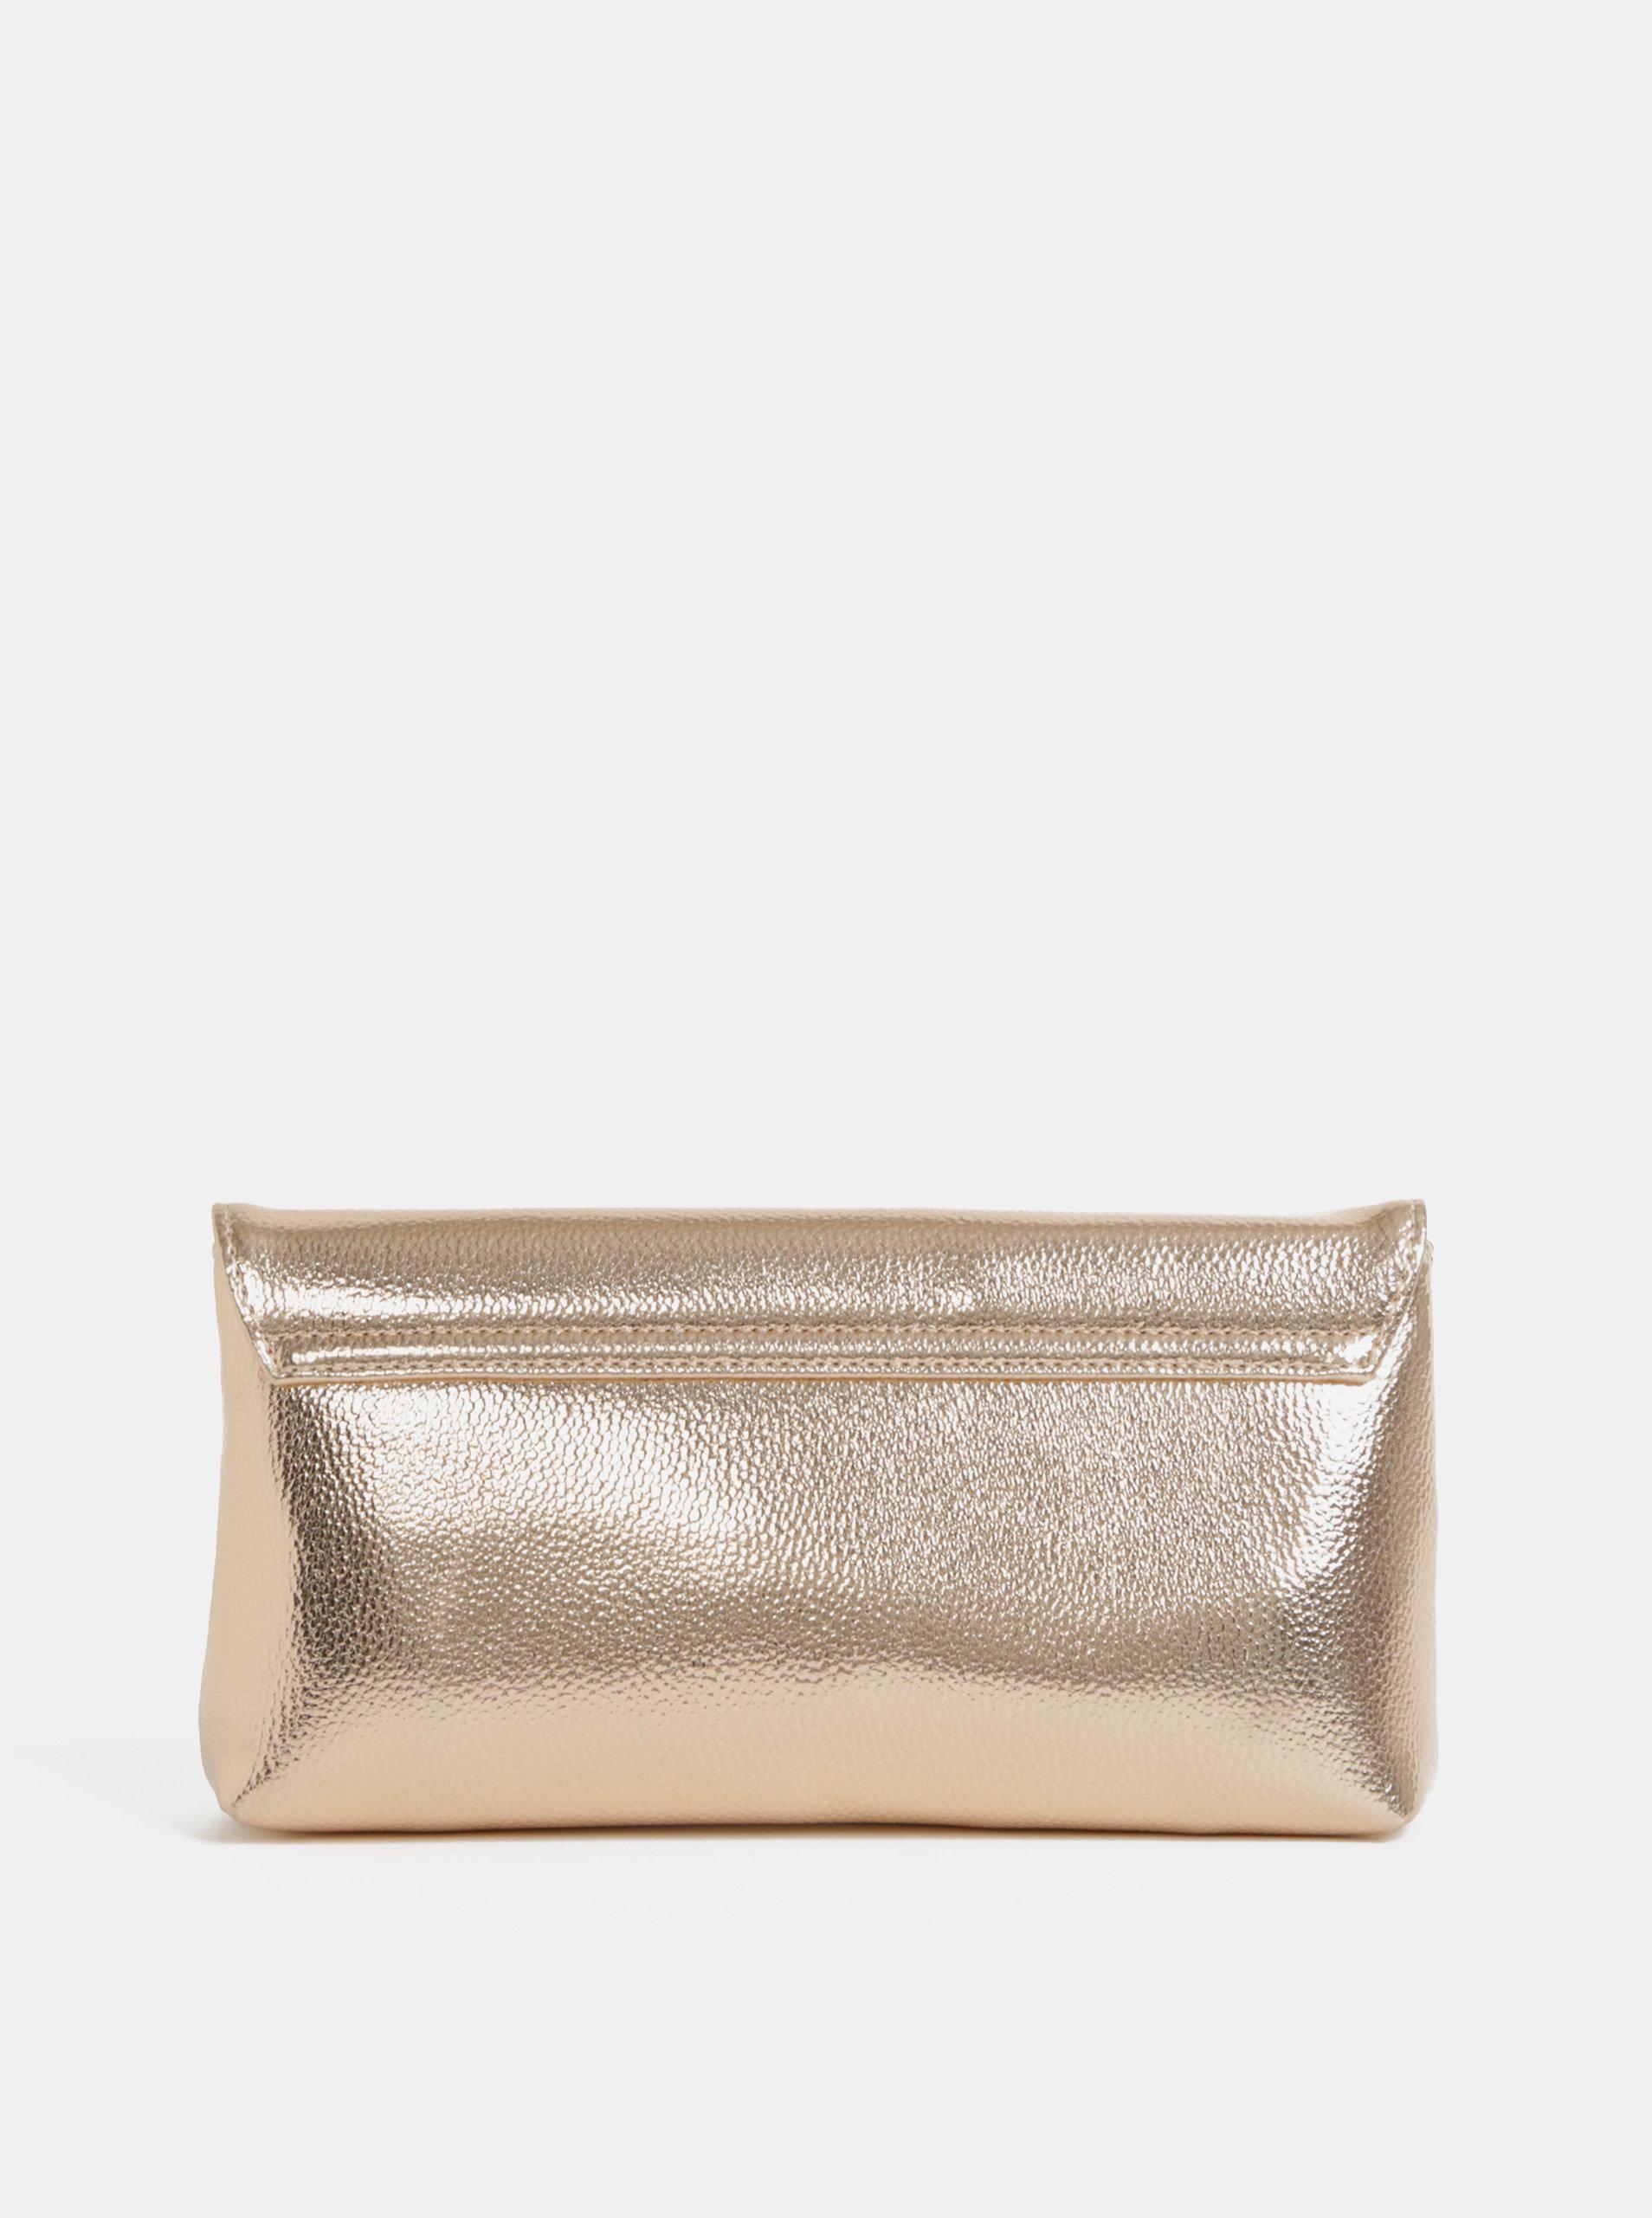 64936de453 Listová kabelka v ružovozlatej farbe Dorothy Perkins ...